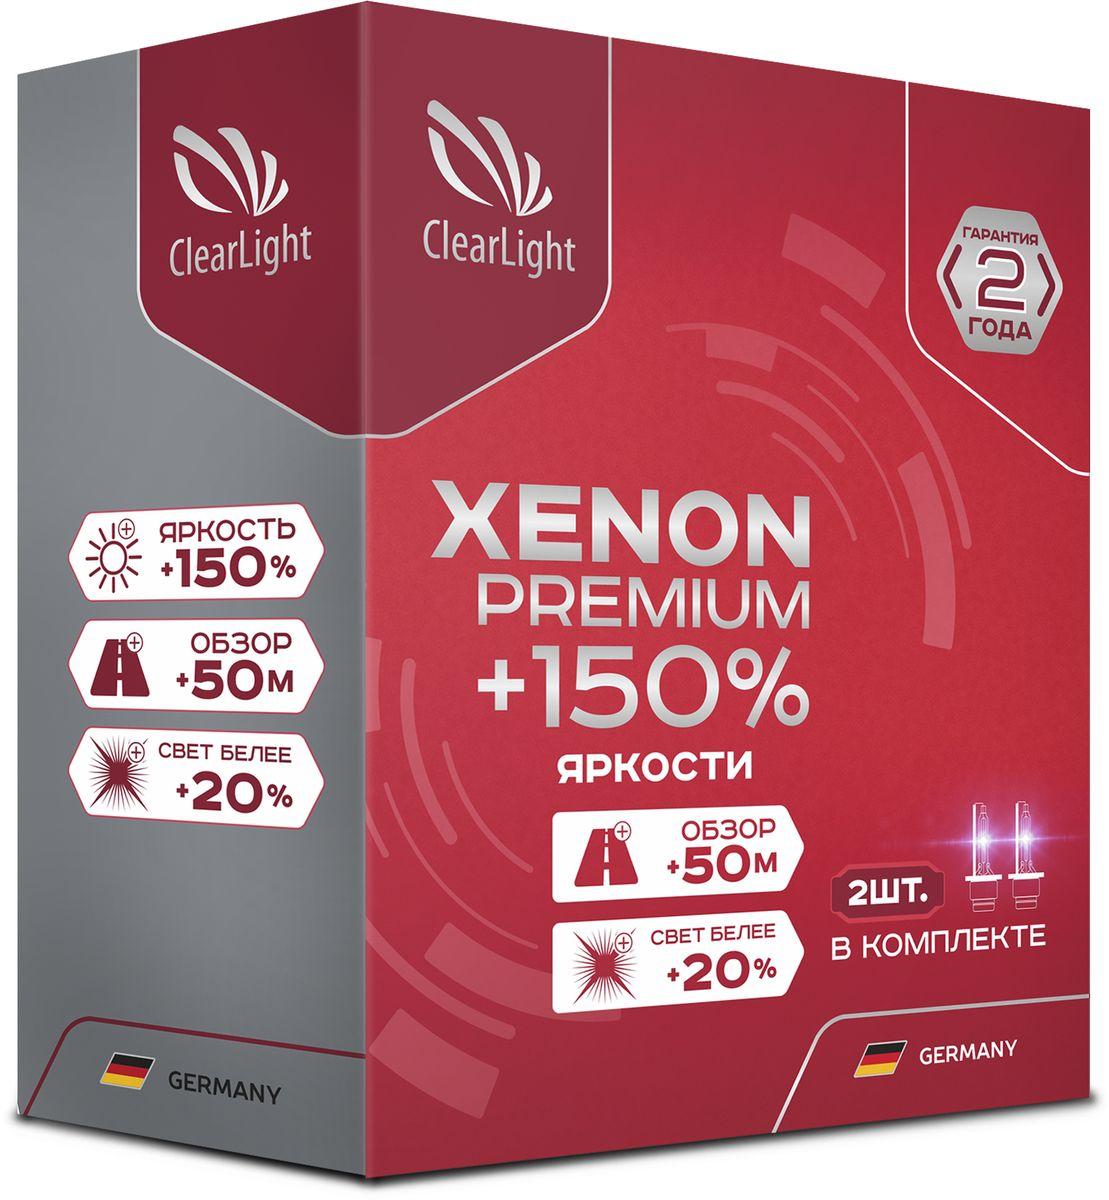 Лампа автомобильная ксеноновая Clearlight Xenon Premium+150%, цоколь H3, 5000 К, 35 Вт, 2 штPCL H30 150-2XP-2Лампы Clearlight Xenon Premium+150% - безусловный выбор водителей предпочитающих лучшее световое решение на сегодняшний день в ксеноновом автосвете. Высокая яркость лампы достигнута за счет применения инновационных технологий, позволивших увеличить давление газов внутри колбы лампы. Колба выполнена из высококачественного кварцевого стекла, которое выдерживает любые перепады температур и высокое внутреннее давление.Мы уверены в высоком качестве своего продукта, именно поэтому мы предоставляем гарантию 24 месяца!